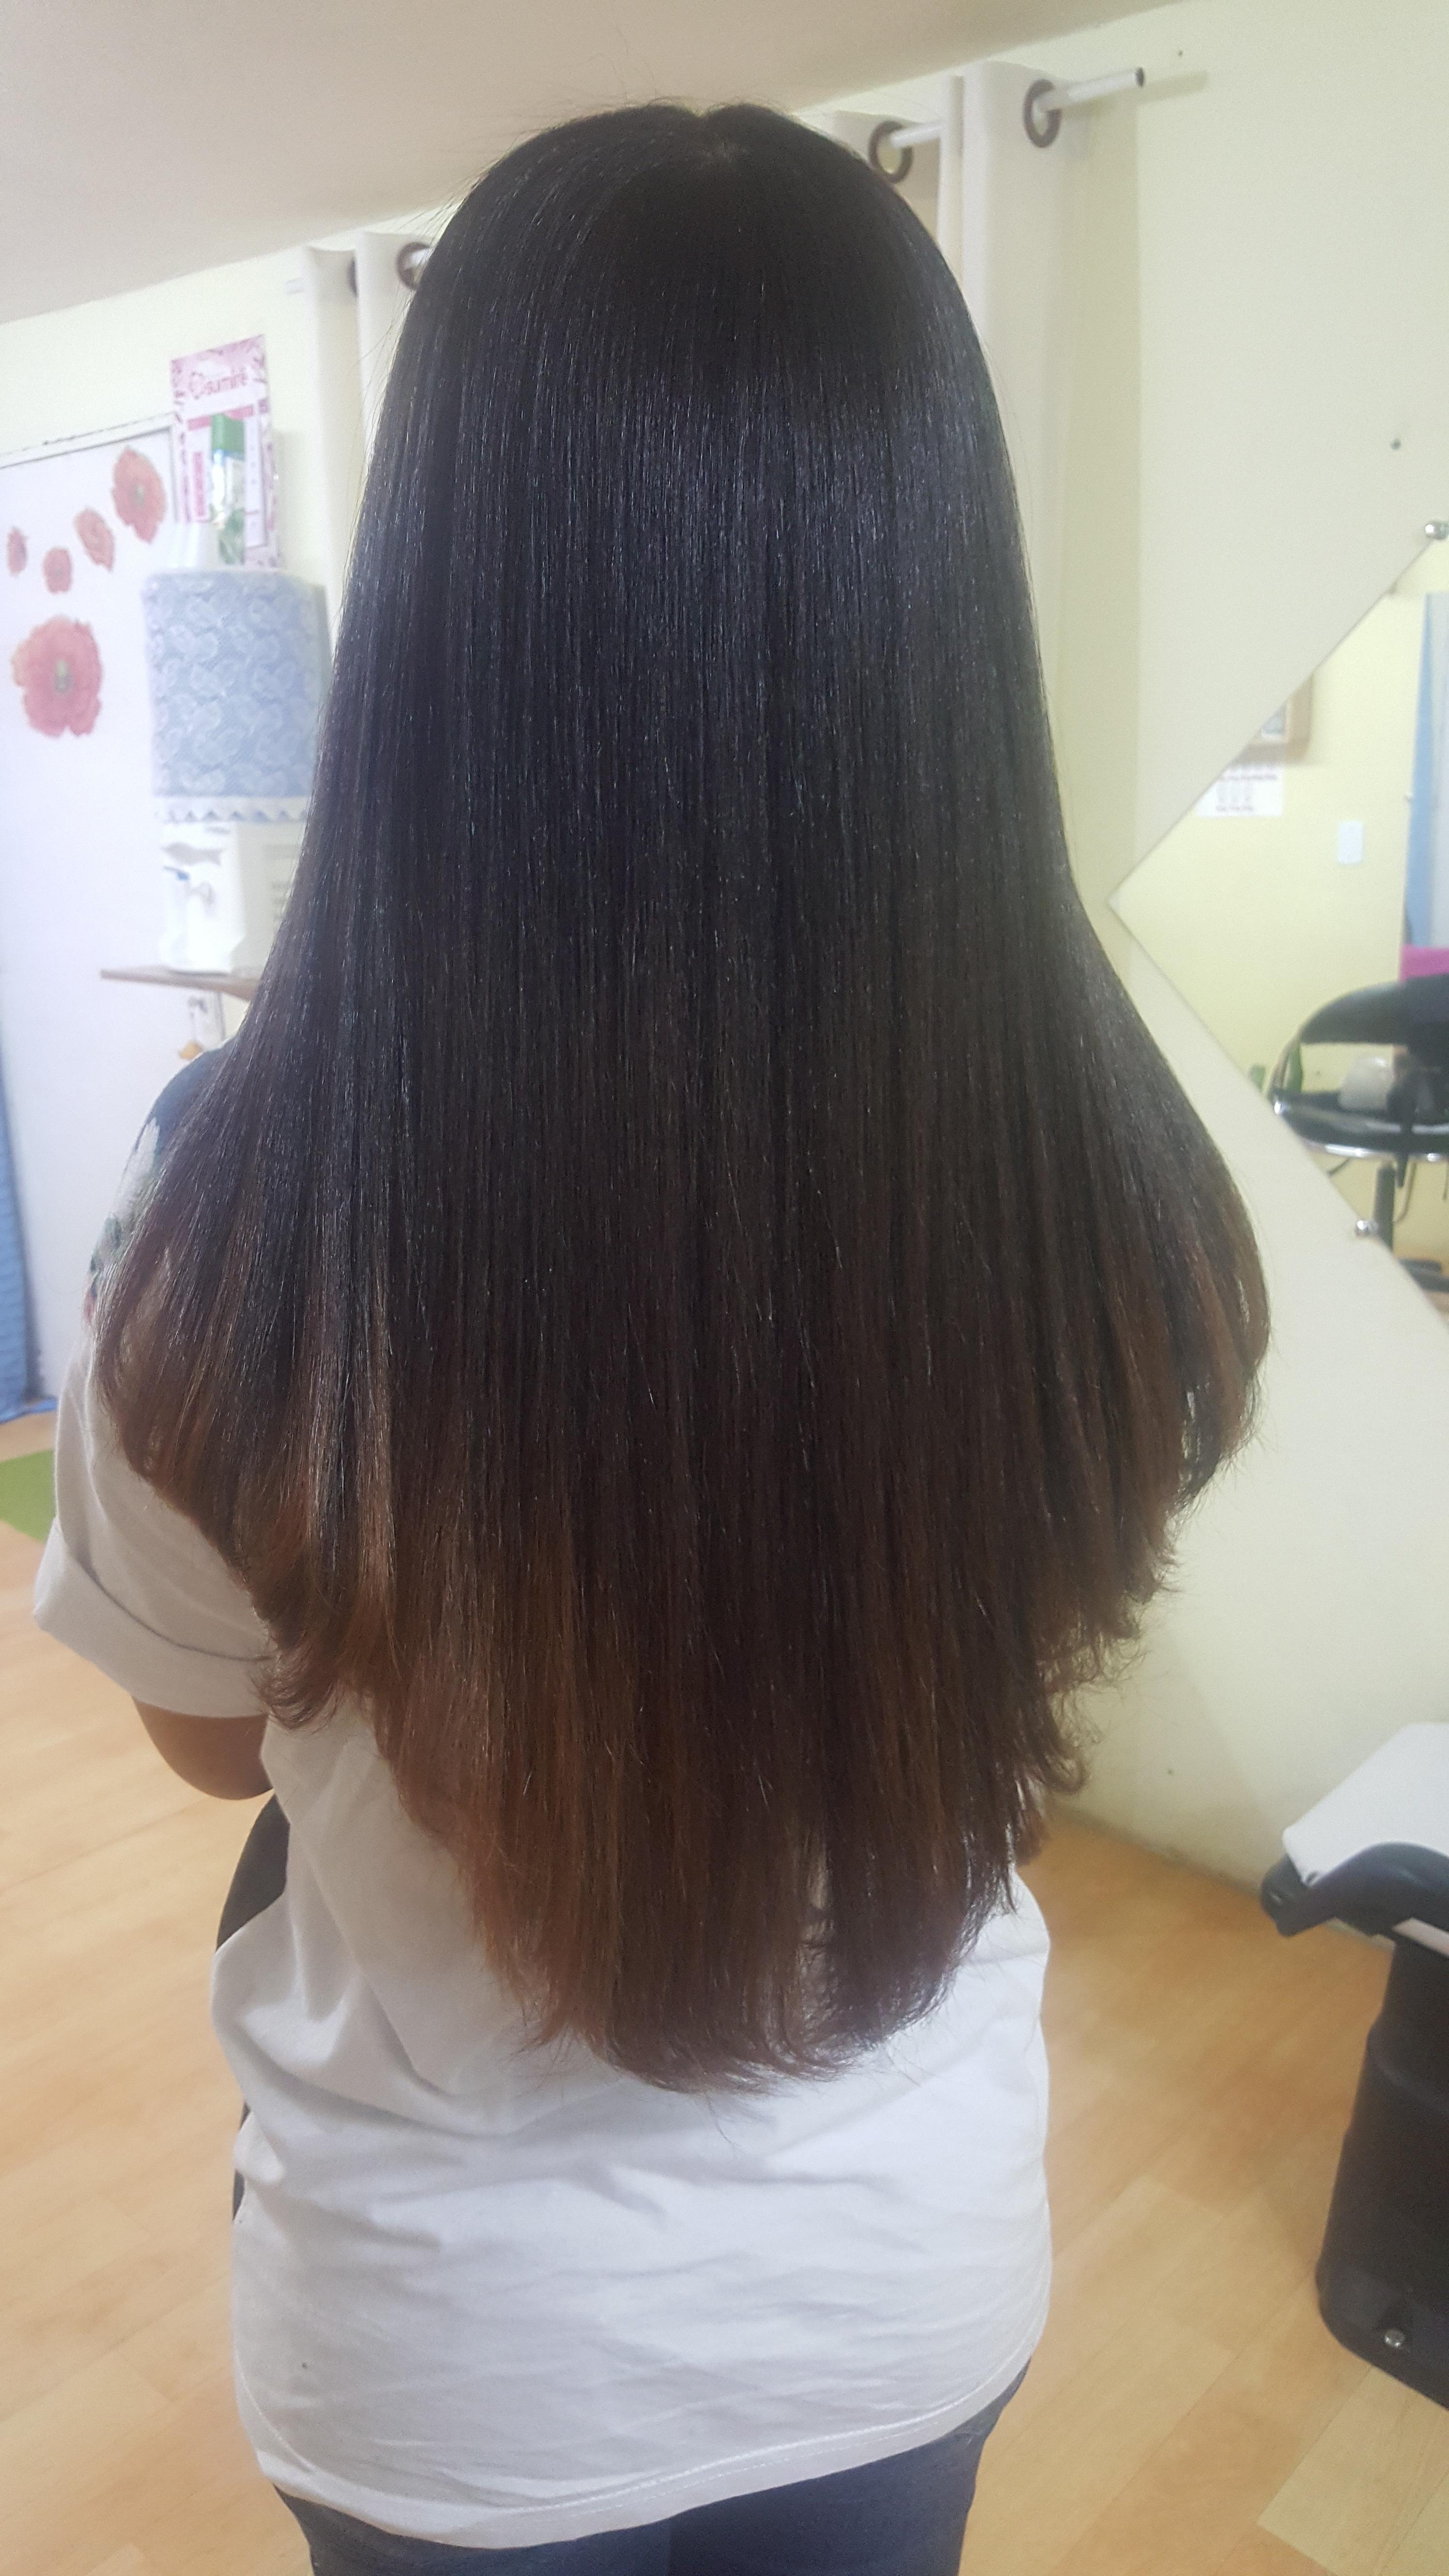 Hidratação de reconstrução + Escova+ Corte Degradê sem repicar cabeleireiro(a) manicure e pedicure micropigmentador(a)